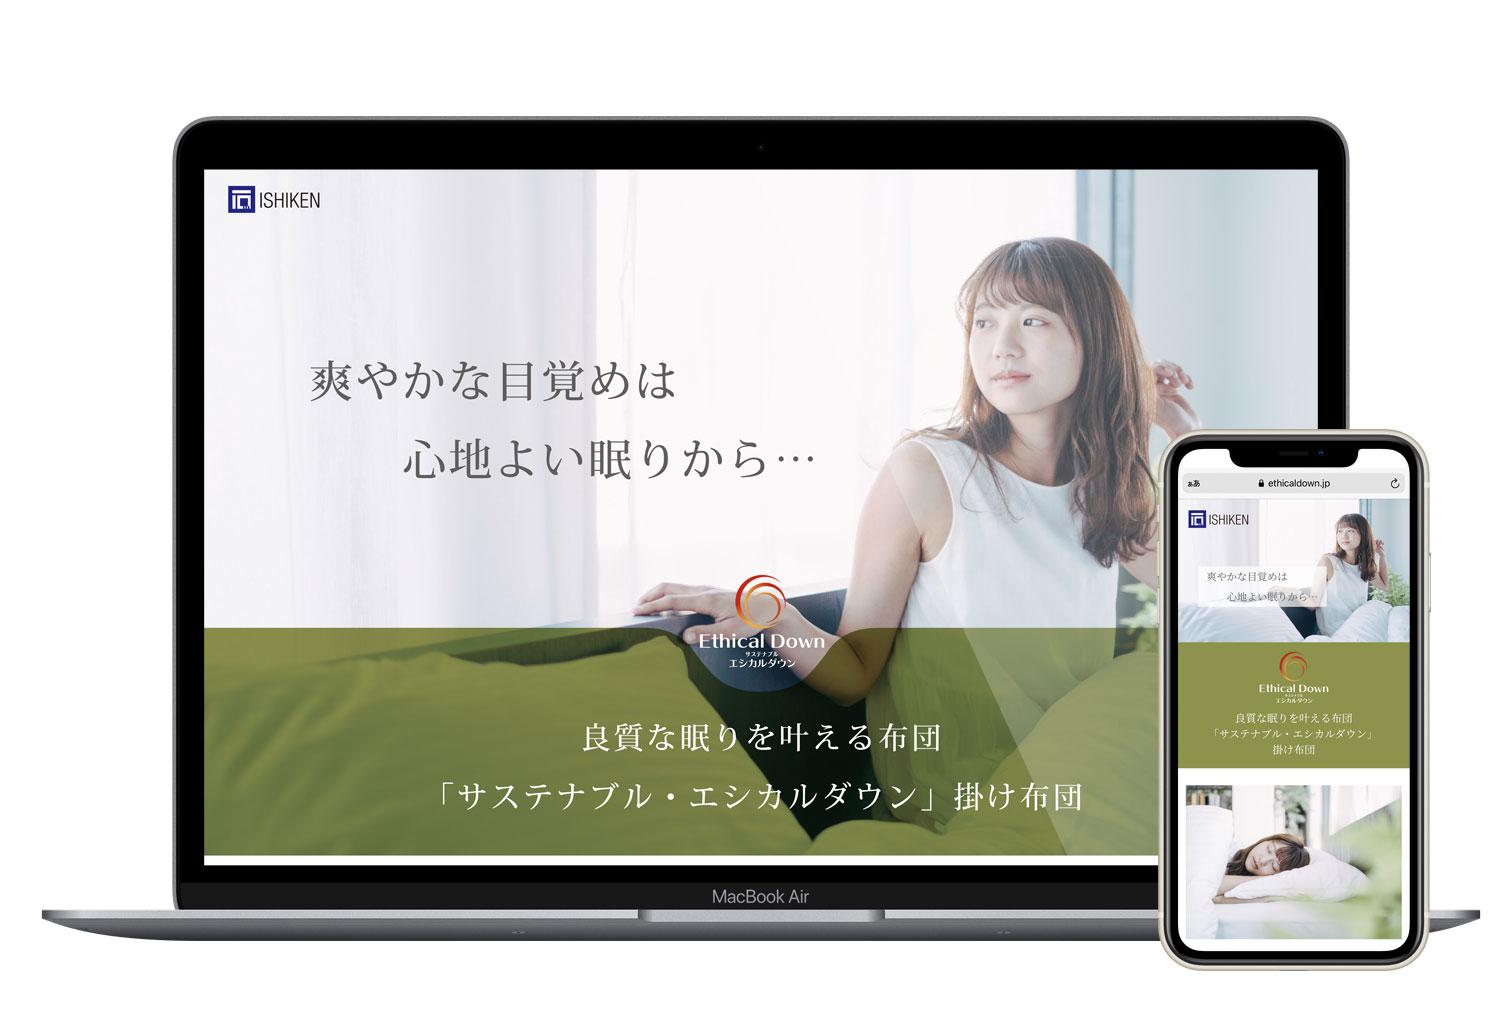 イシケン株式会社様 サステナブル エシカルダウン LP・Web広告